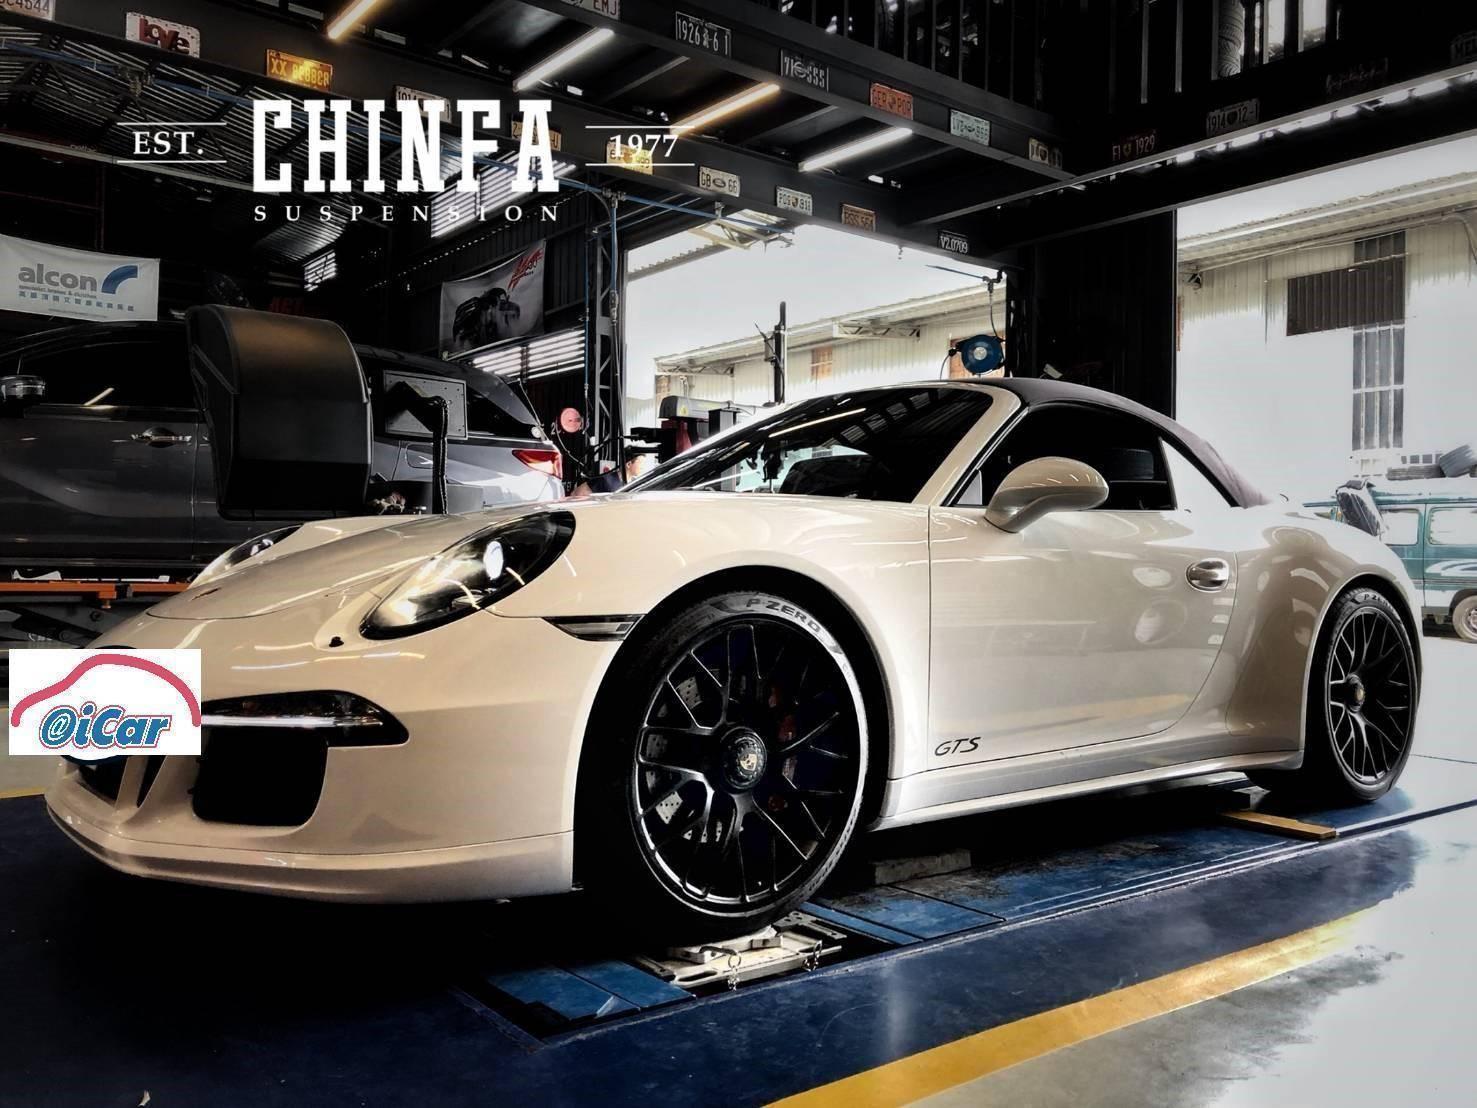 1進發柏仕車業提供多種強化升級工程,配合專業的底盤調教,讓愛車換裝如虎添翼。